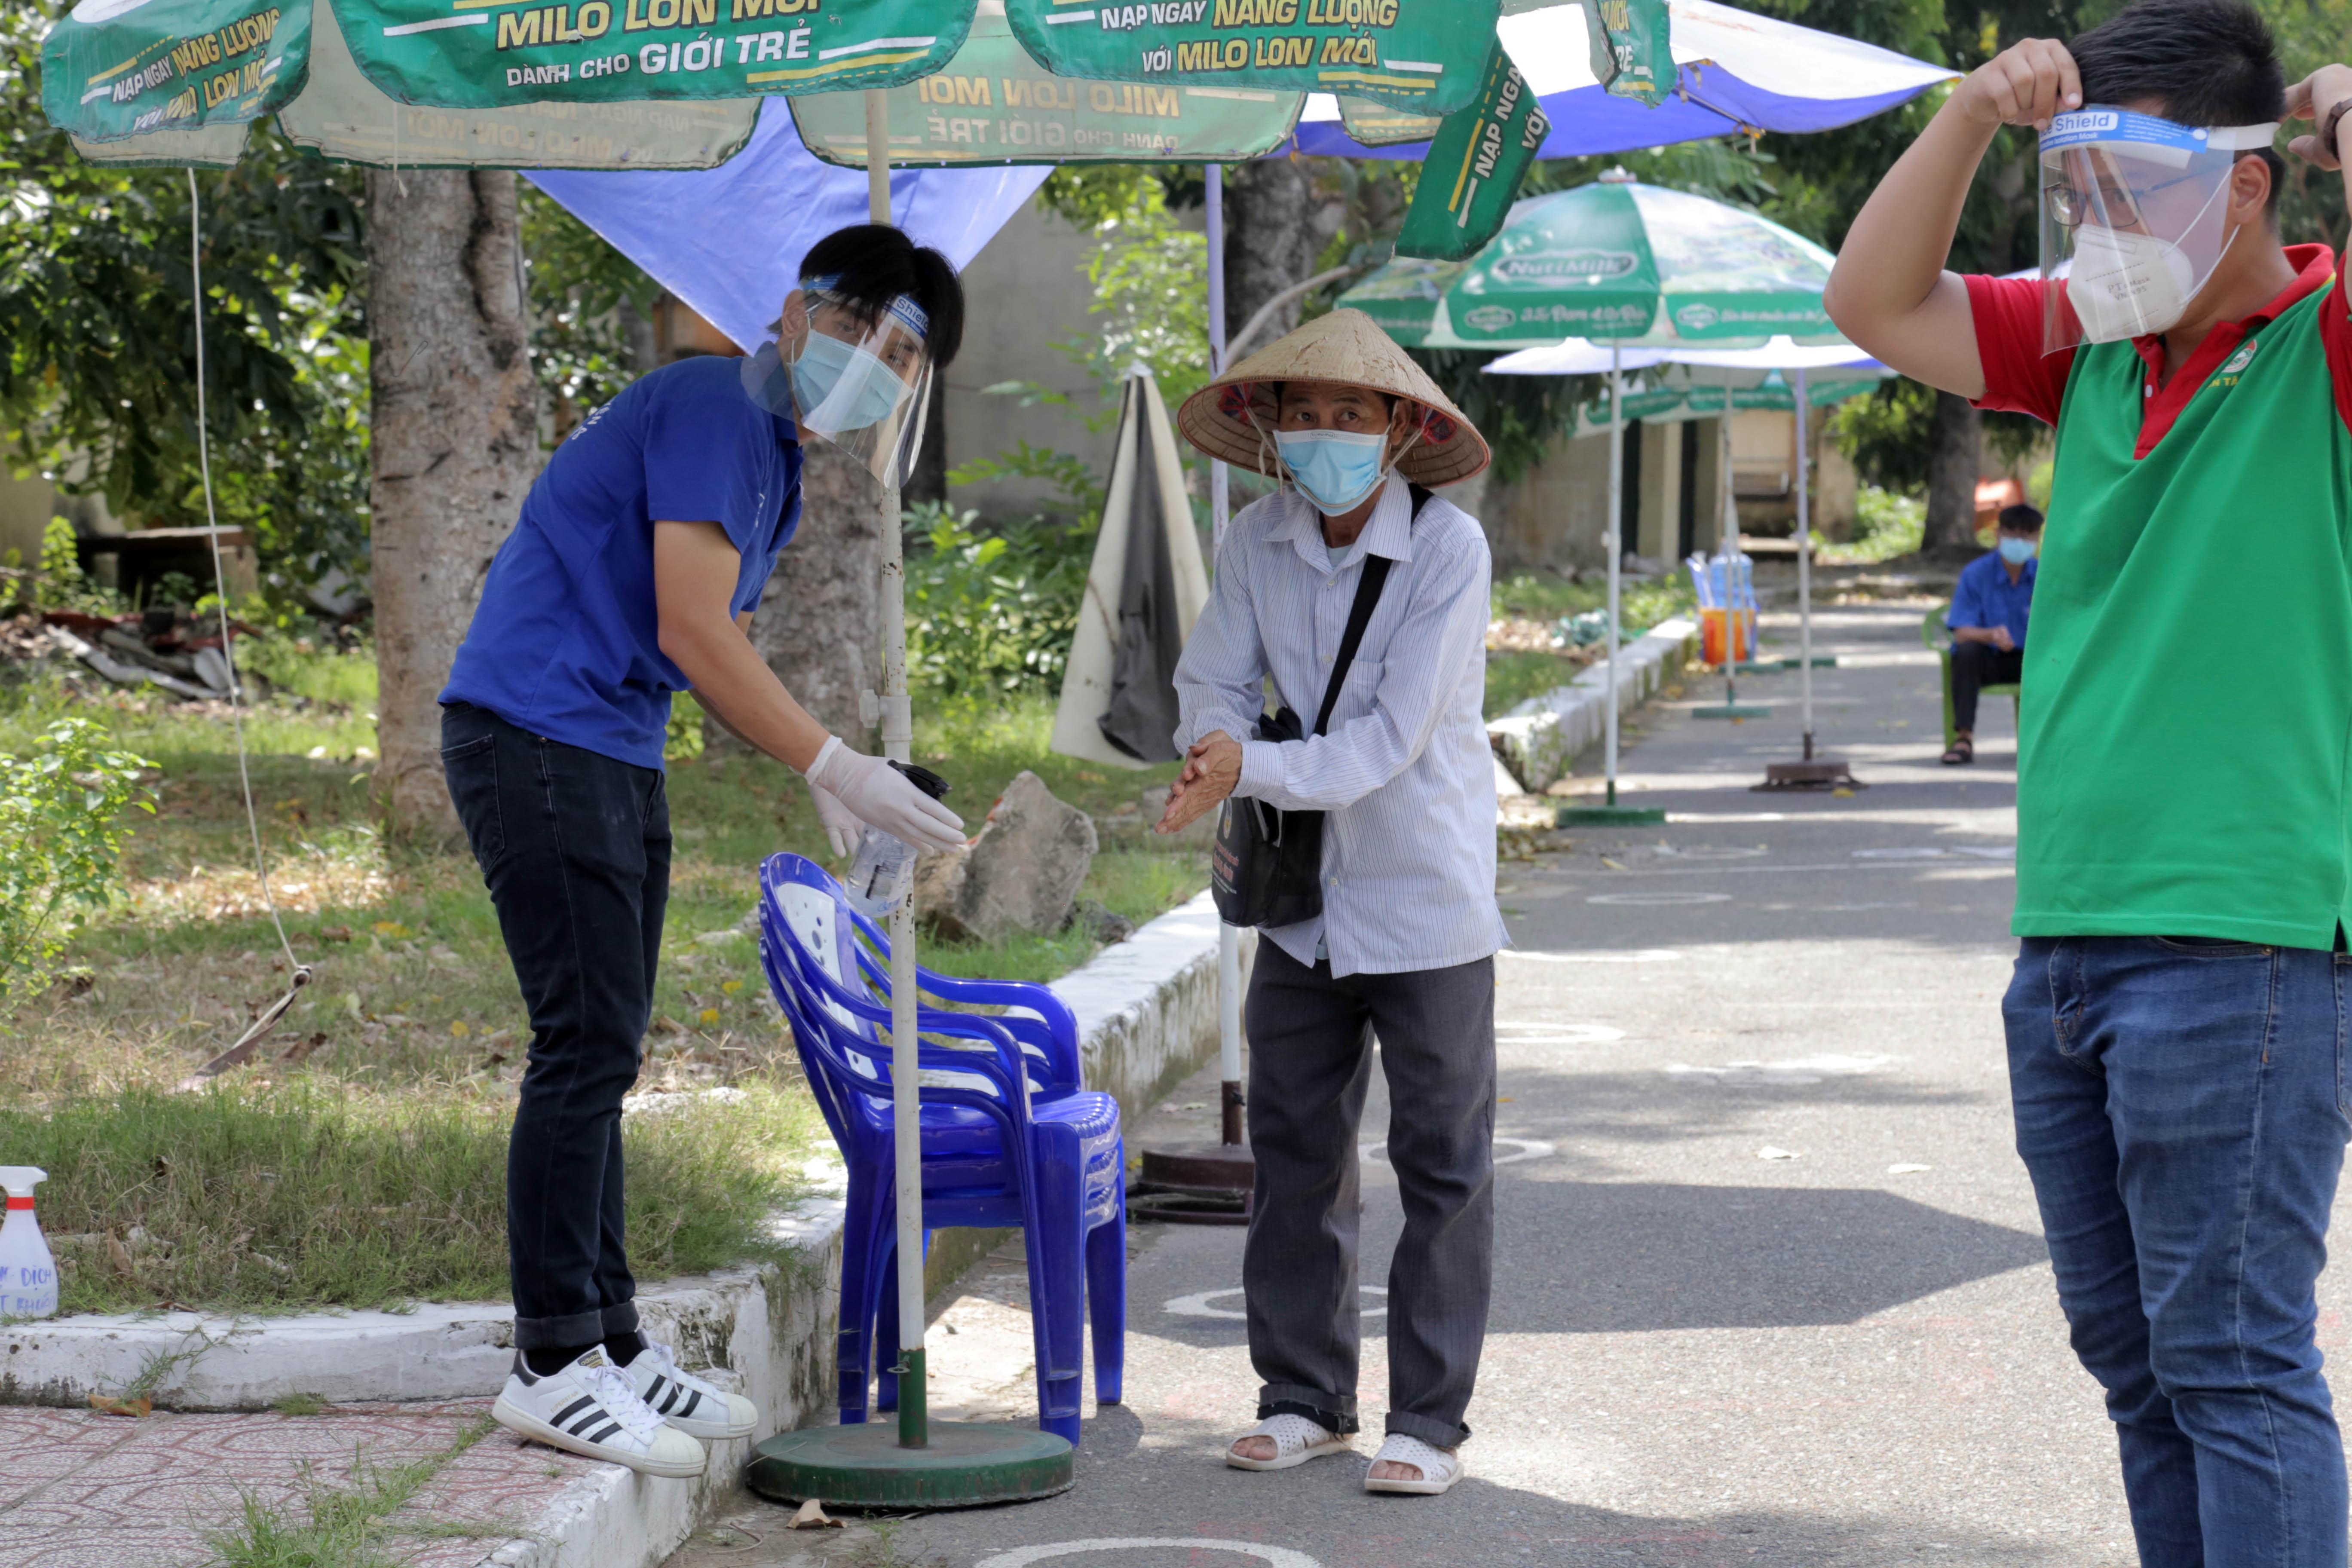 """""""ATM gạo"""" thứ 2 ở Sài Gòn hoạt động trong mùa dịch, bà con khó khăn chỉ cần đến """"máy sẽ tự động nhả gạo"""" - 5"""